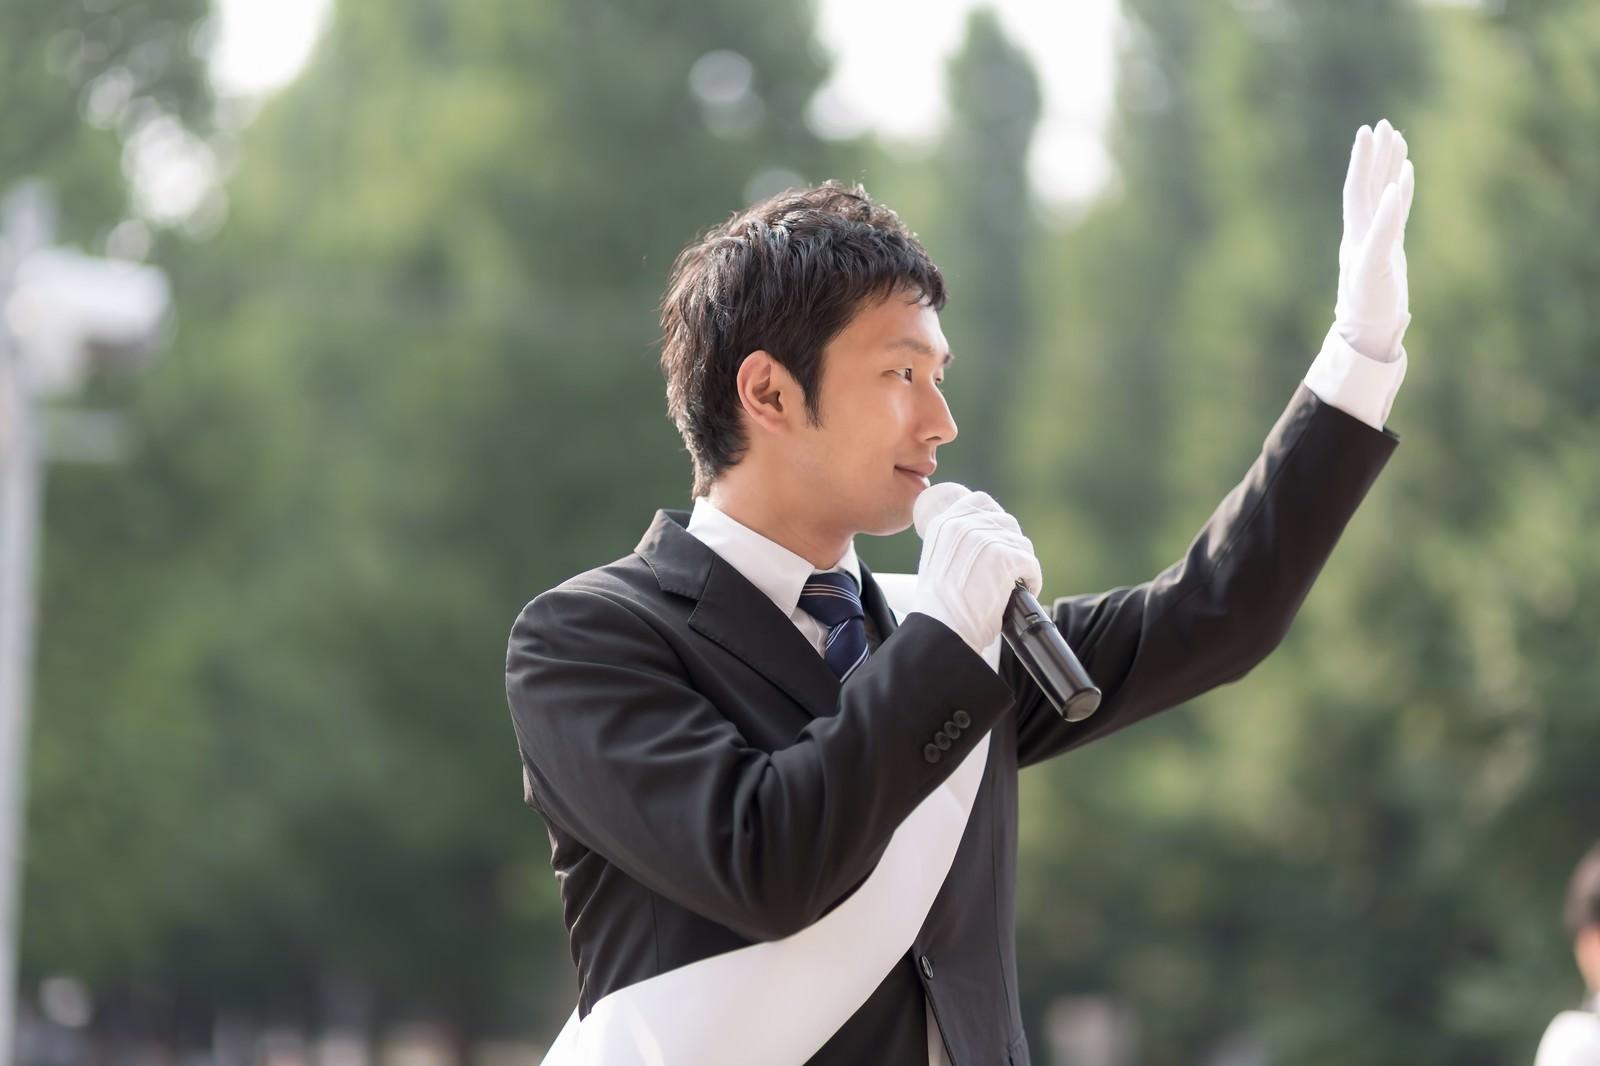 「日本の政治を変える為に脱サラして立候補した無所属の男性日本の政治を変える為に脱サラして立候補した無所属の男性」[モデル:大川竜弥]のフリー写真素材を拡大